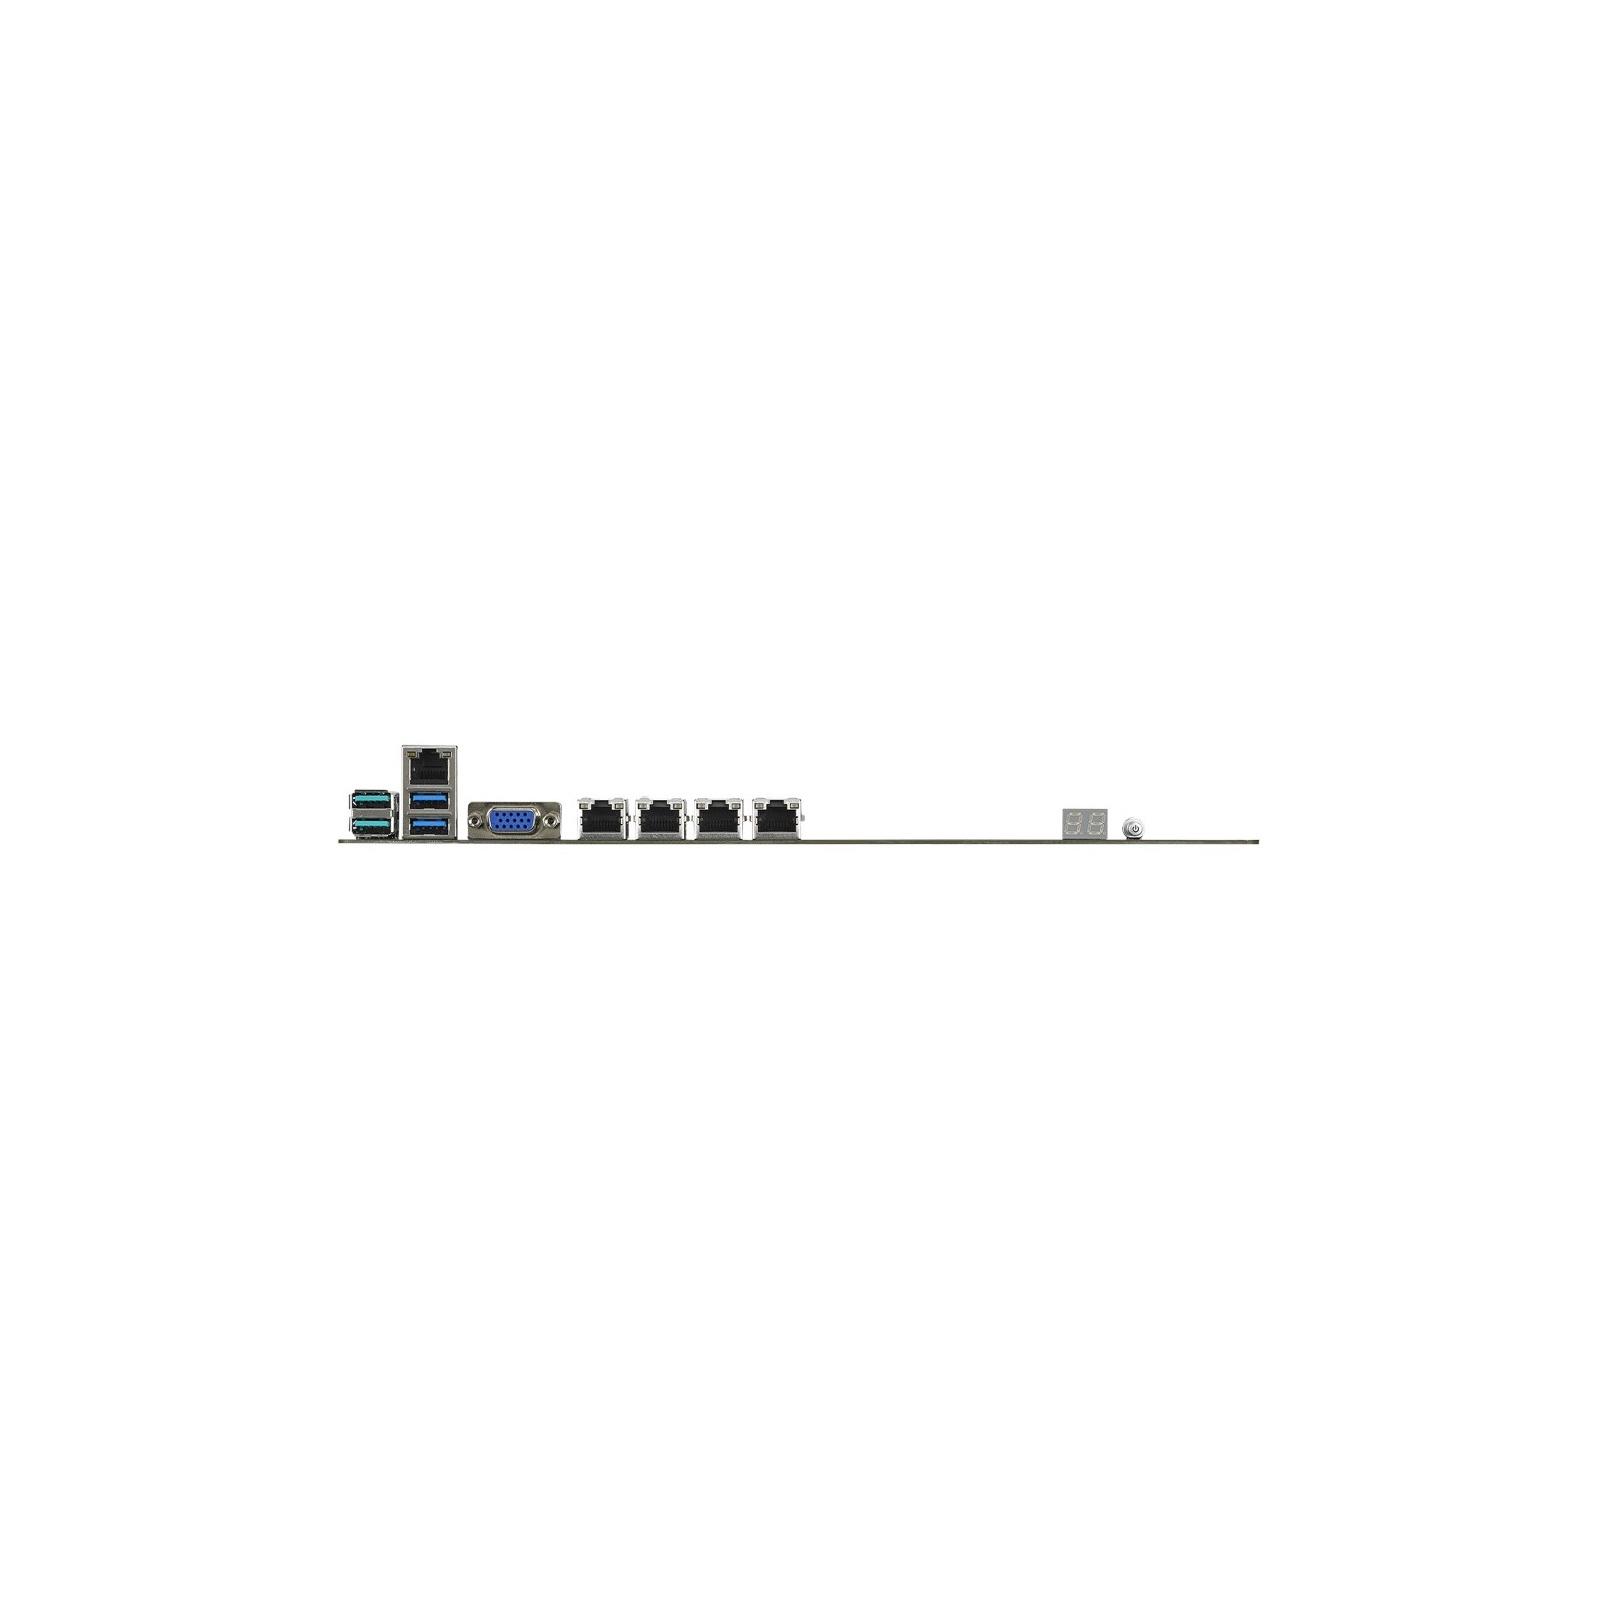 Серверная материнская плата ASUS P11C-C/4L s1151 C242, 4xDDR4, ATX (P11C-C/4L) изображение 3